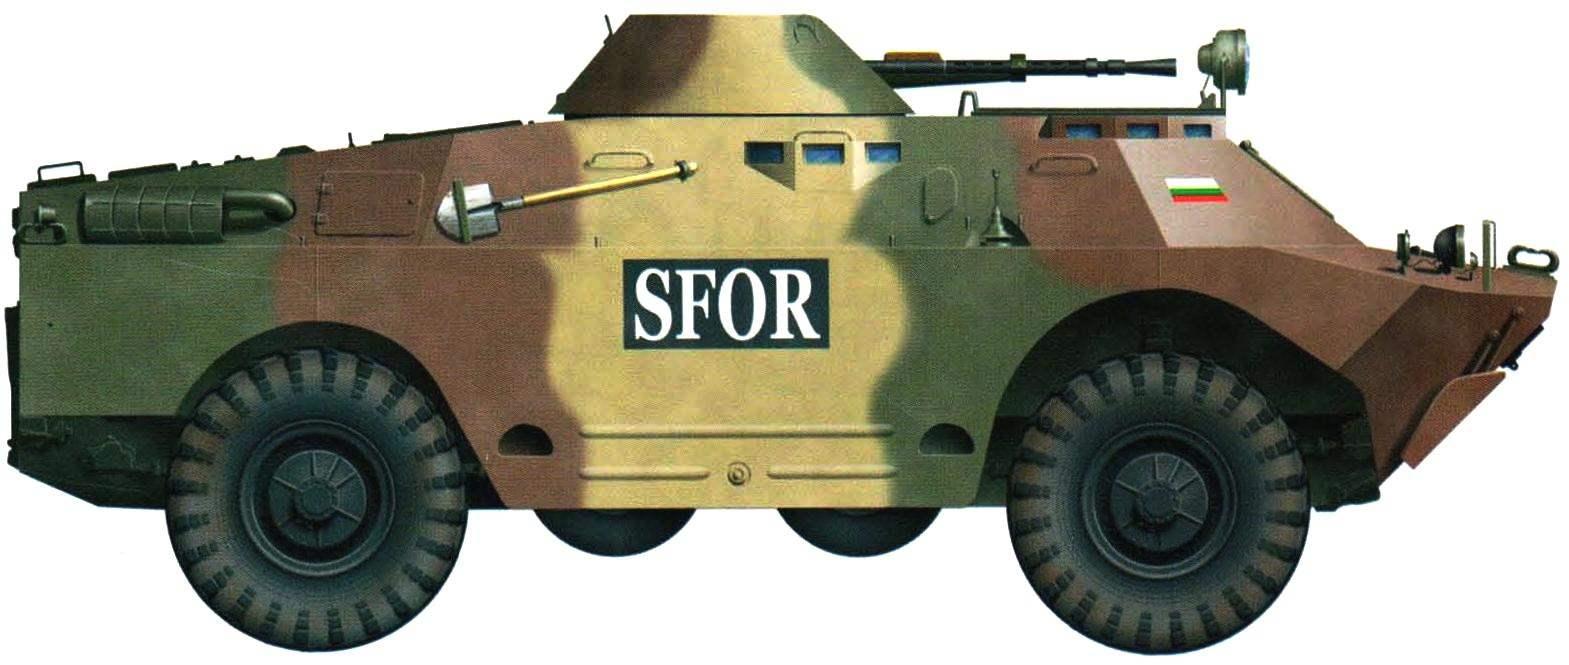 Болгарская БРДМ-2 международных сил стабилизации обстановки в Боснии и Герцеговине, 1998 г.